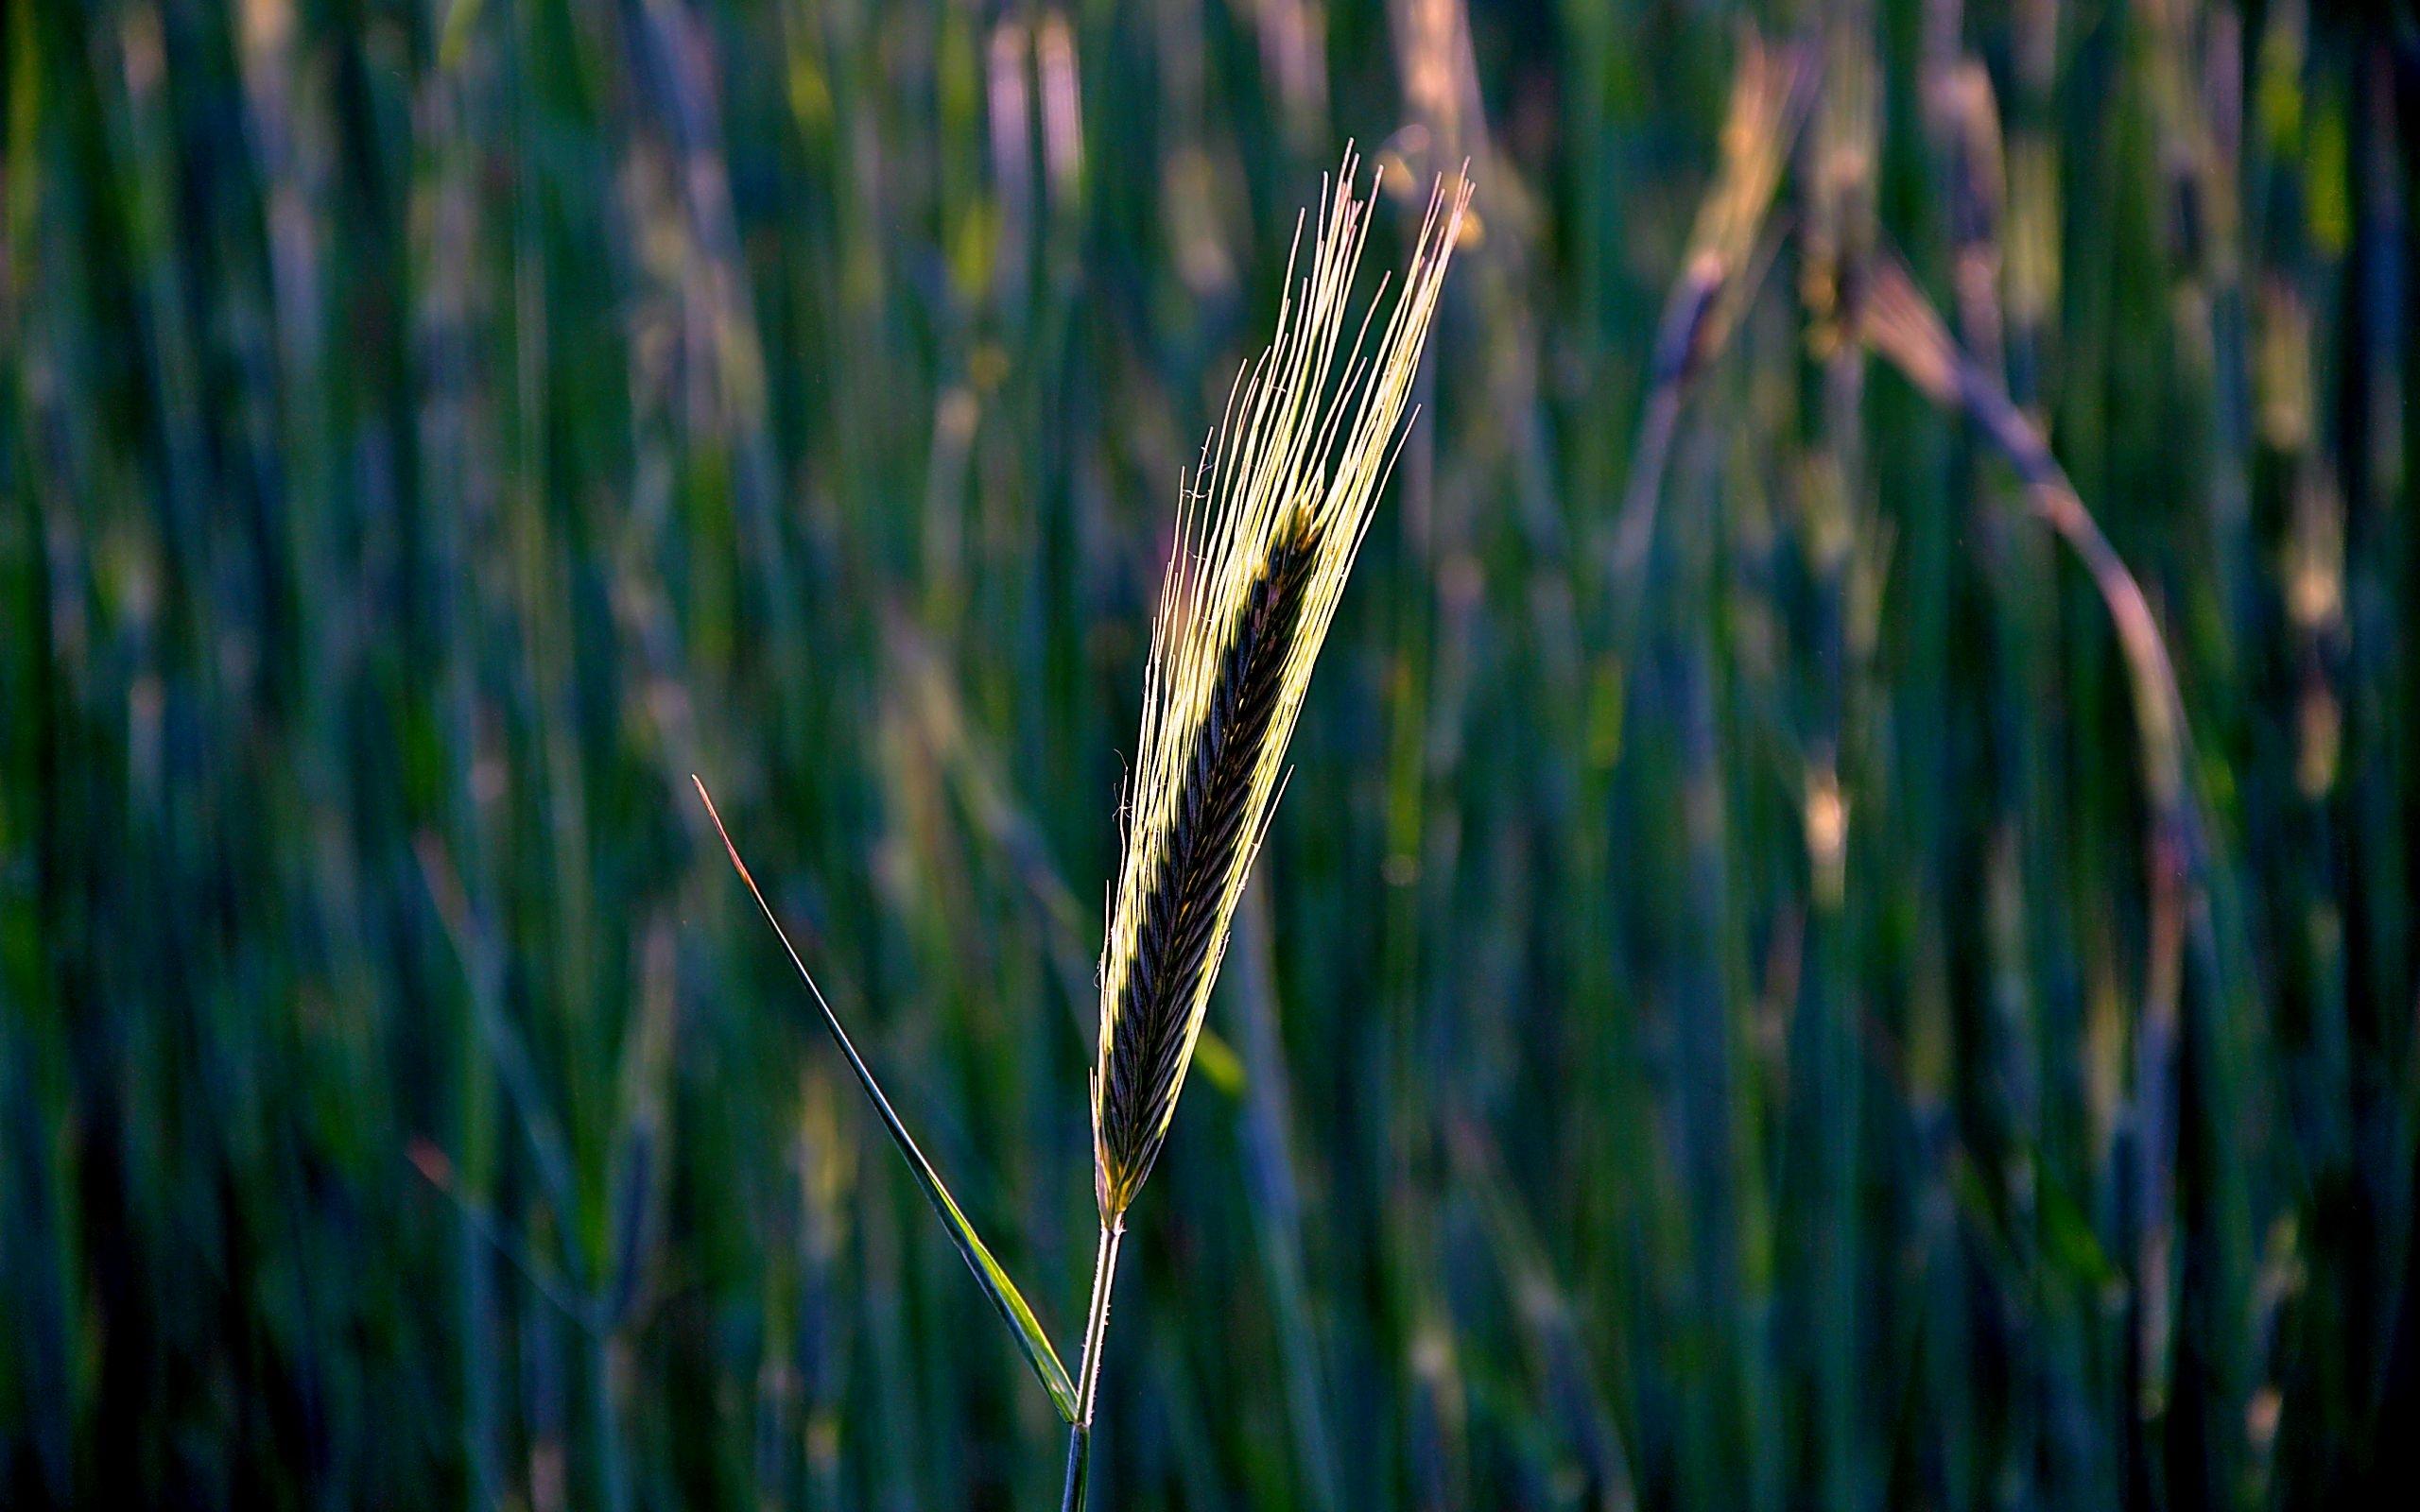 46686 скачать обои Растения, Объекты, Пшеница - заставки и картинки бесплатно